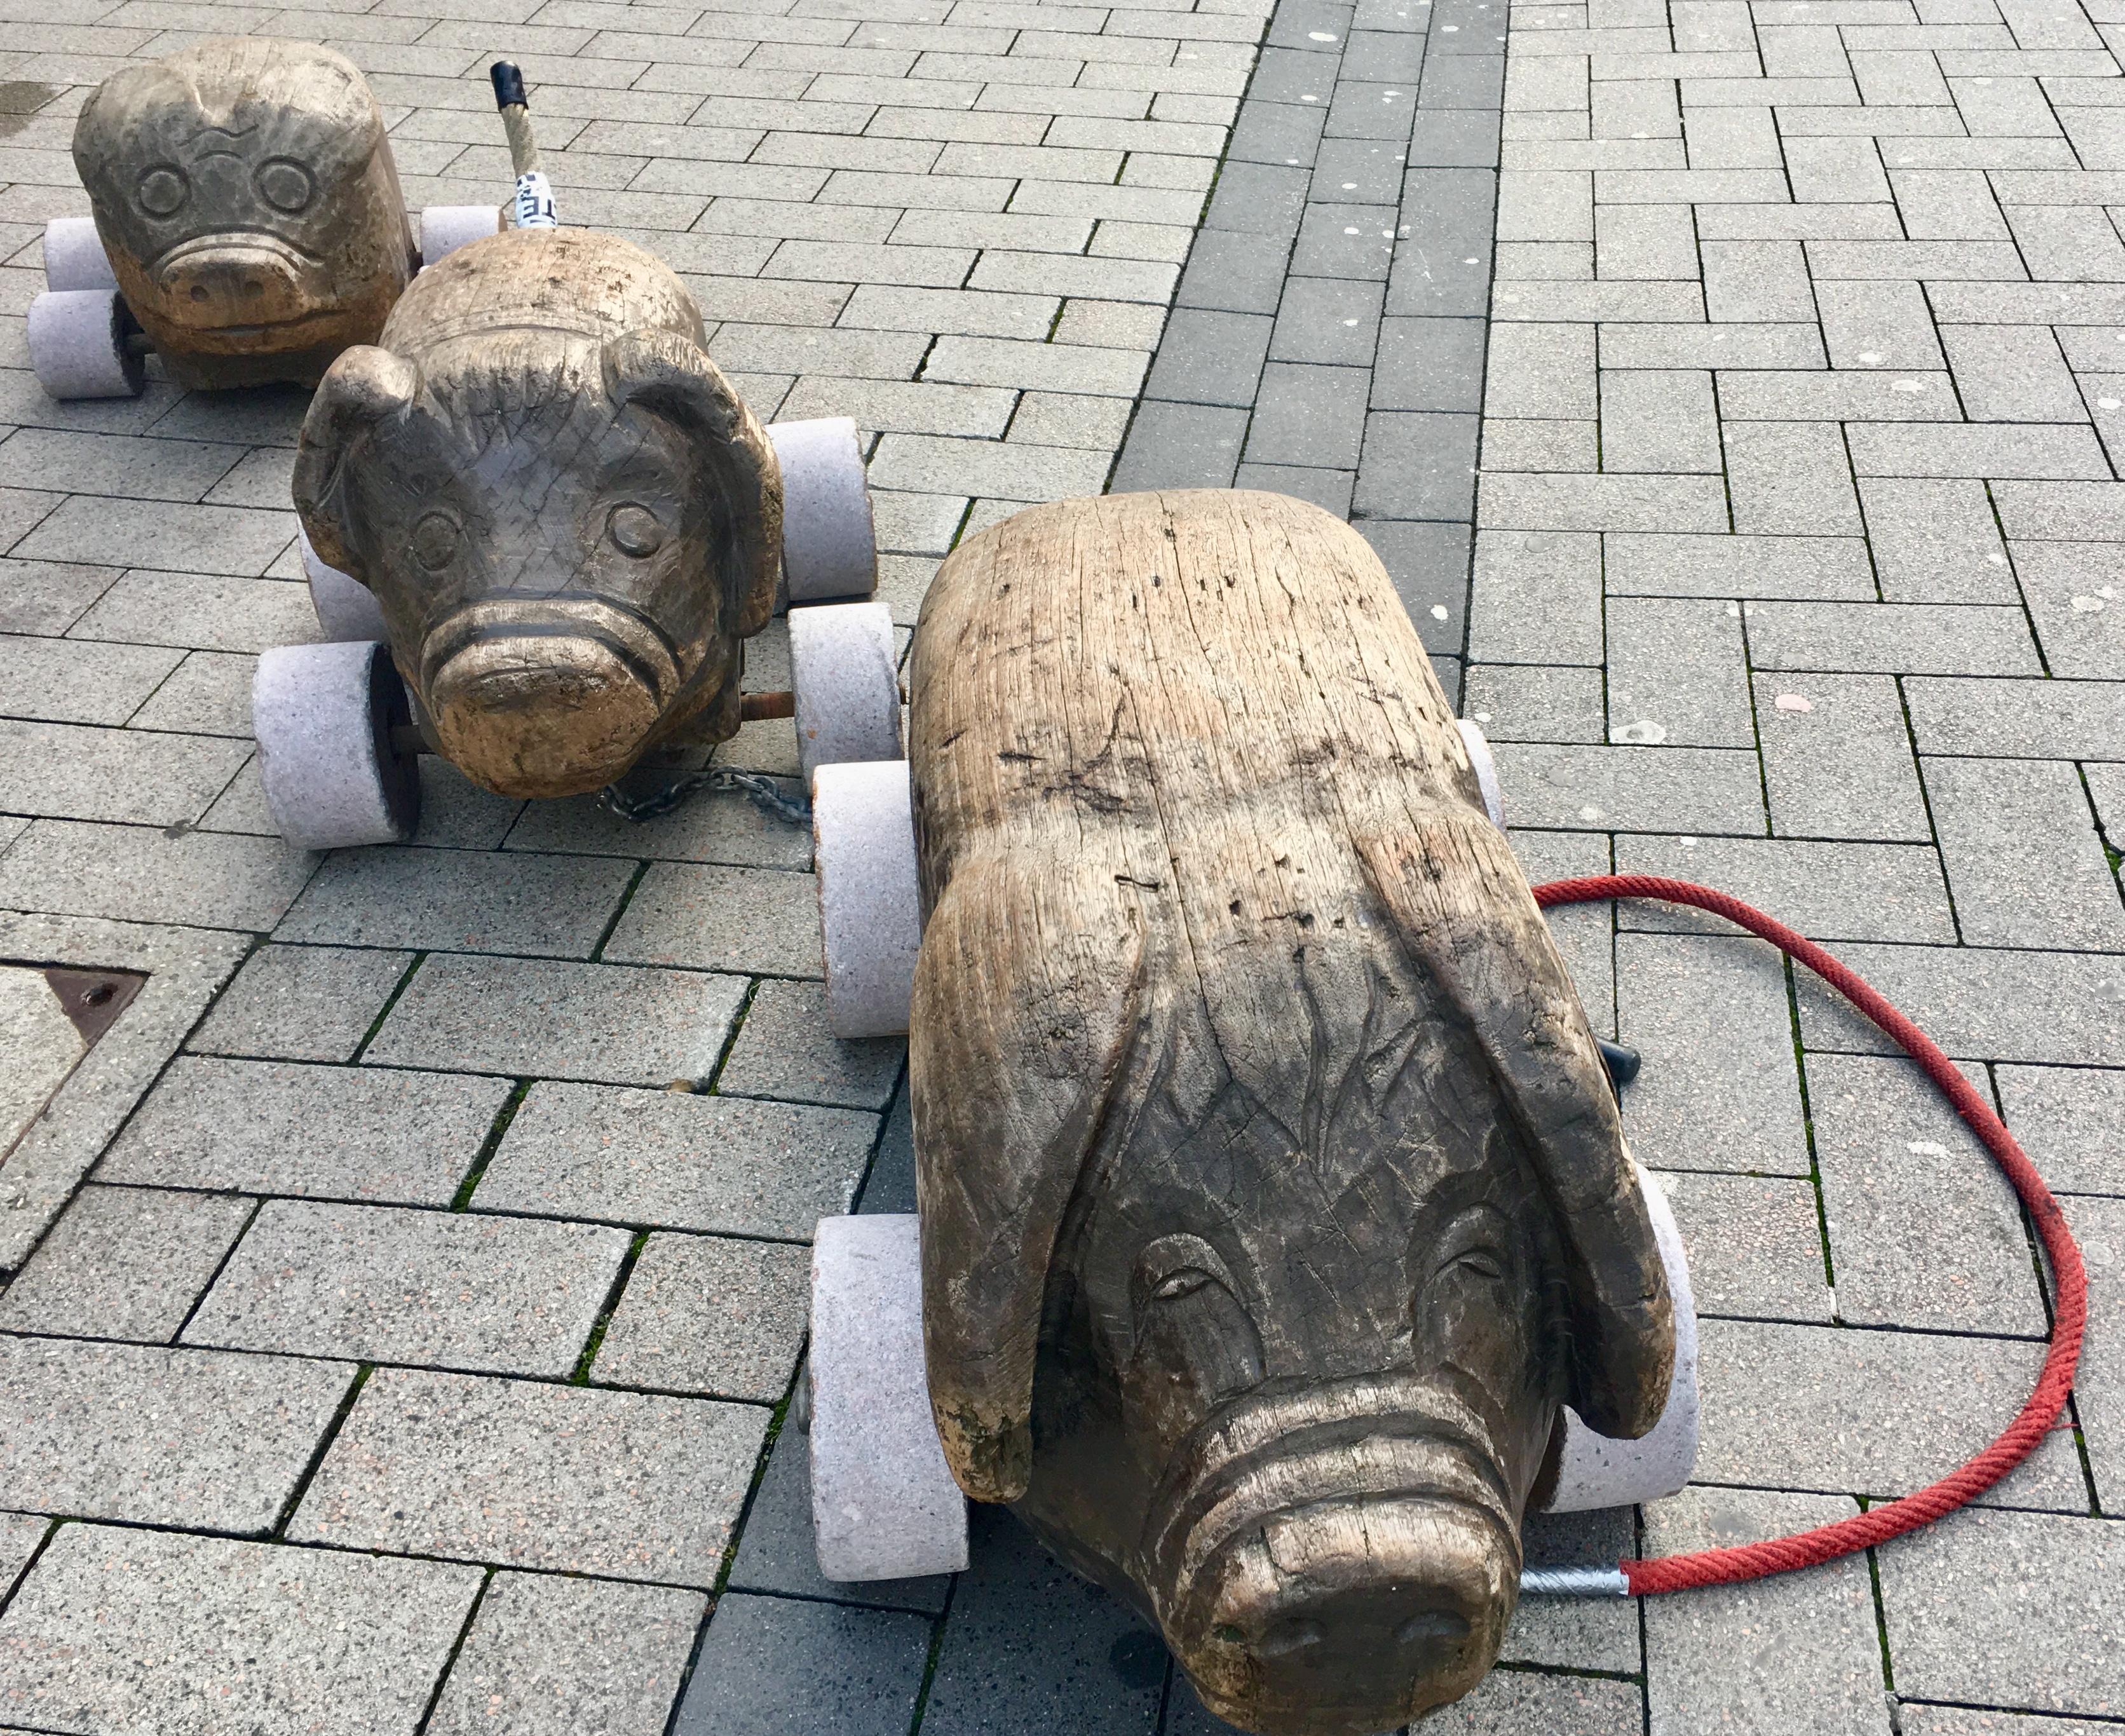 Holzschweine Lippstadt - In der Nähe vom Hotel Haus Stallmeister